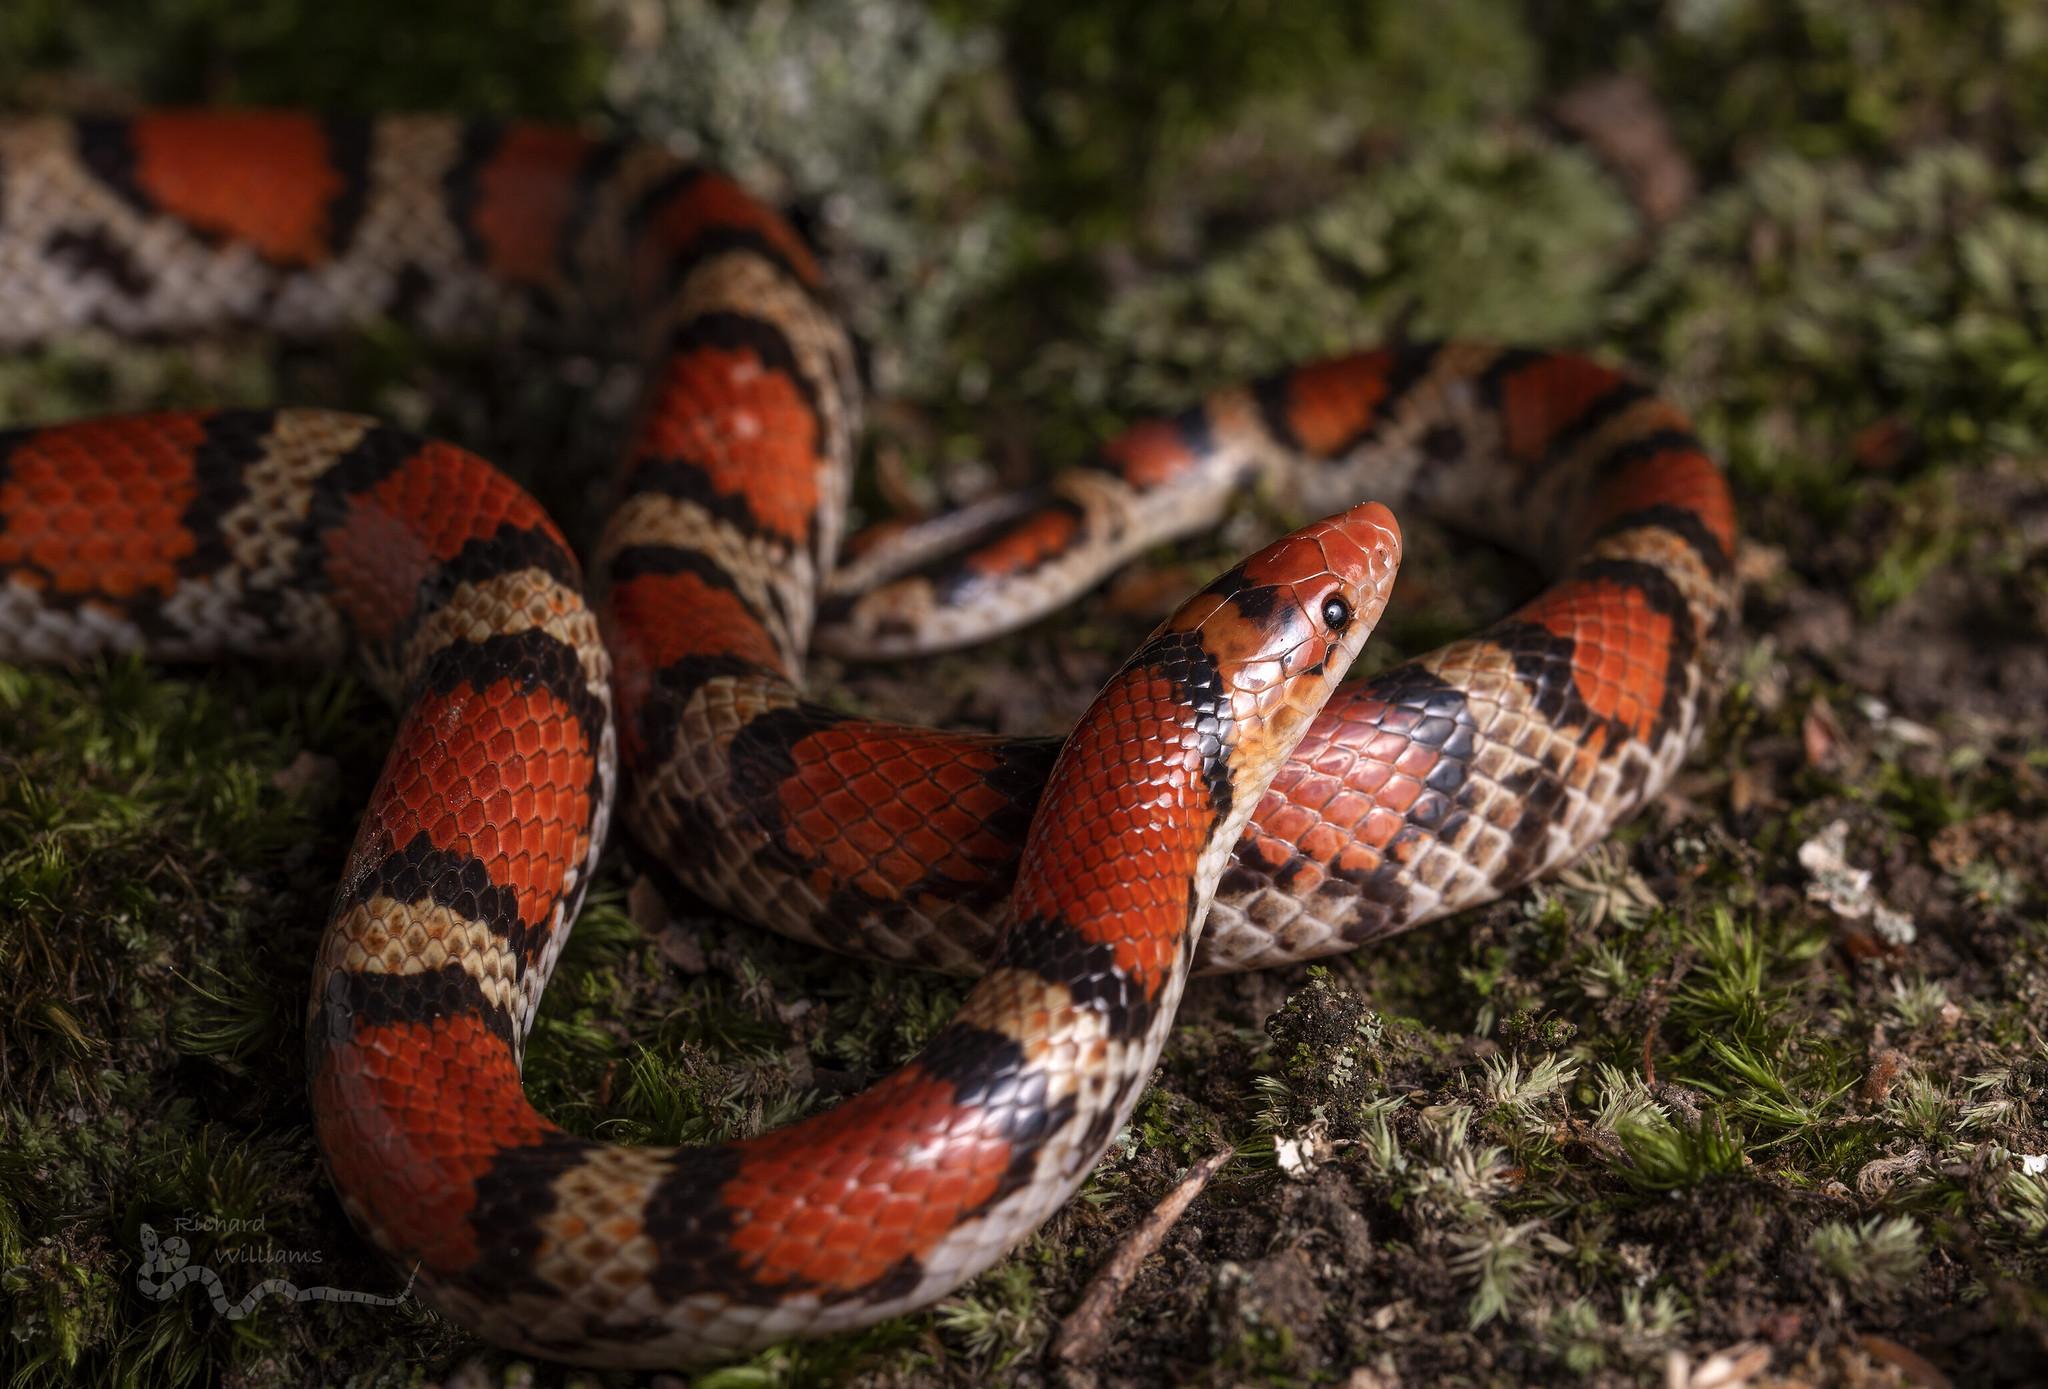 Serpiente de Coral - 2048x1389